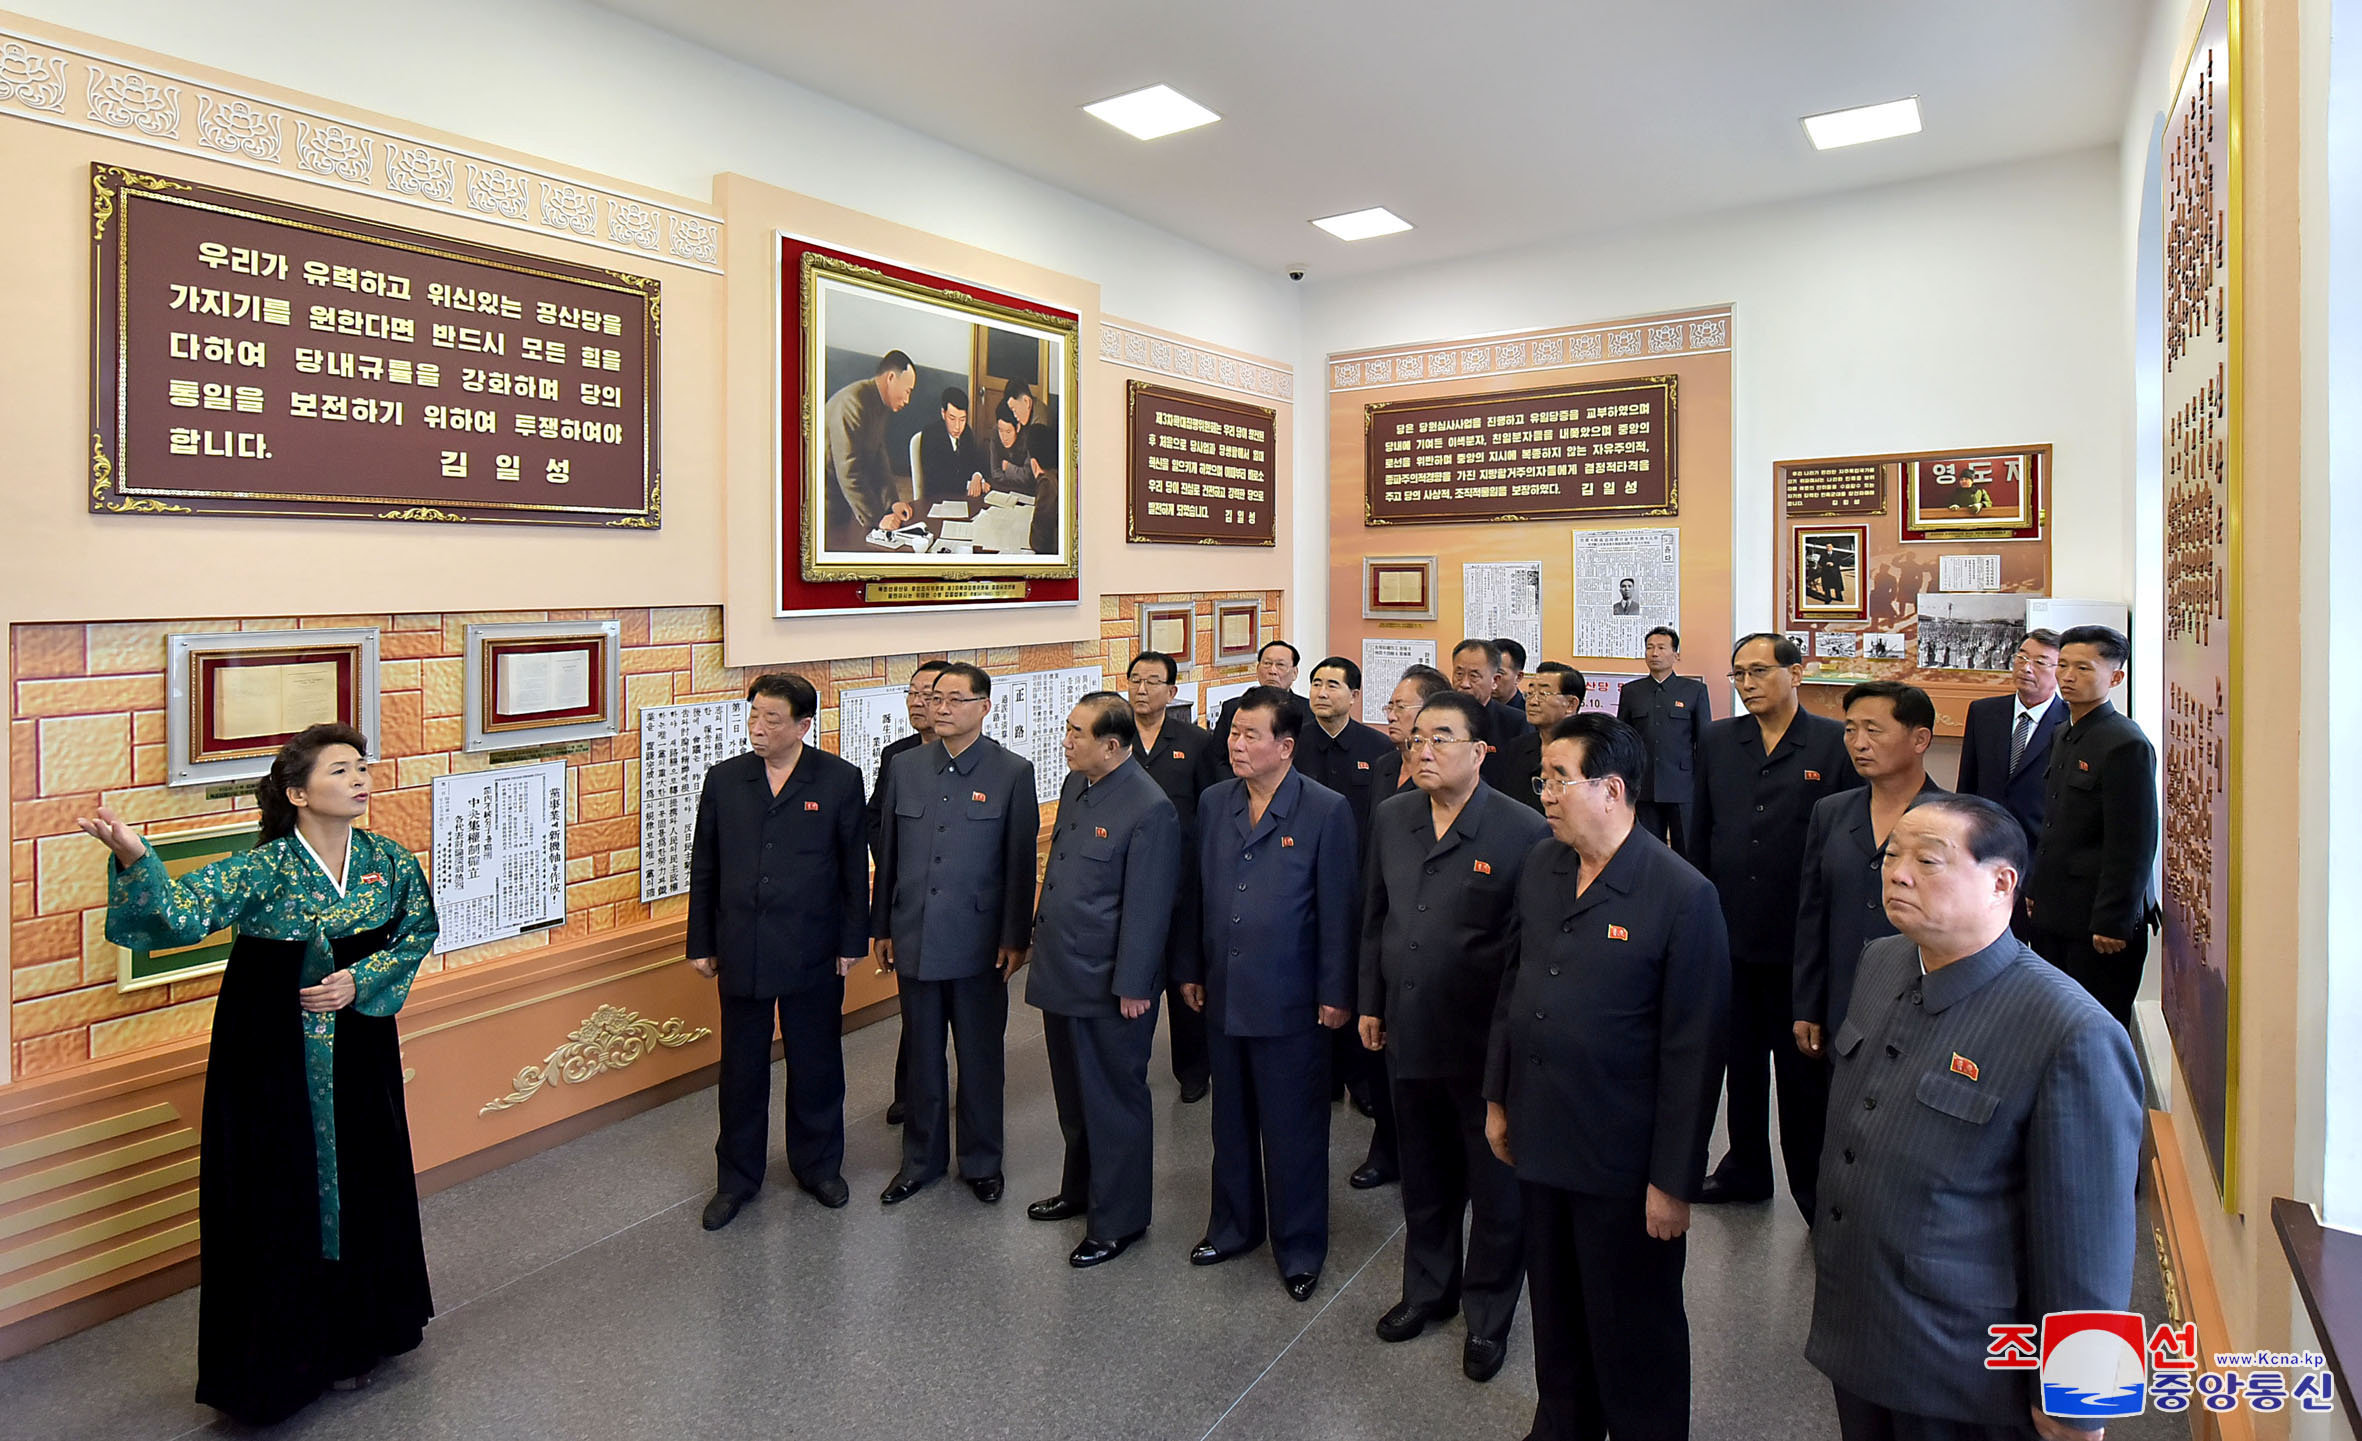 قيادات الحزب داخل المتحف الخاص بالحزب